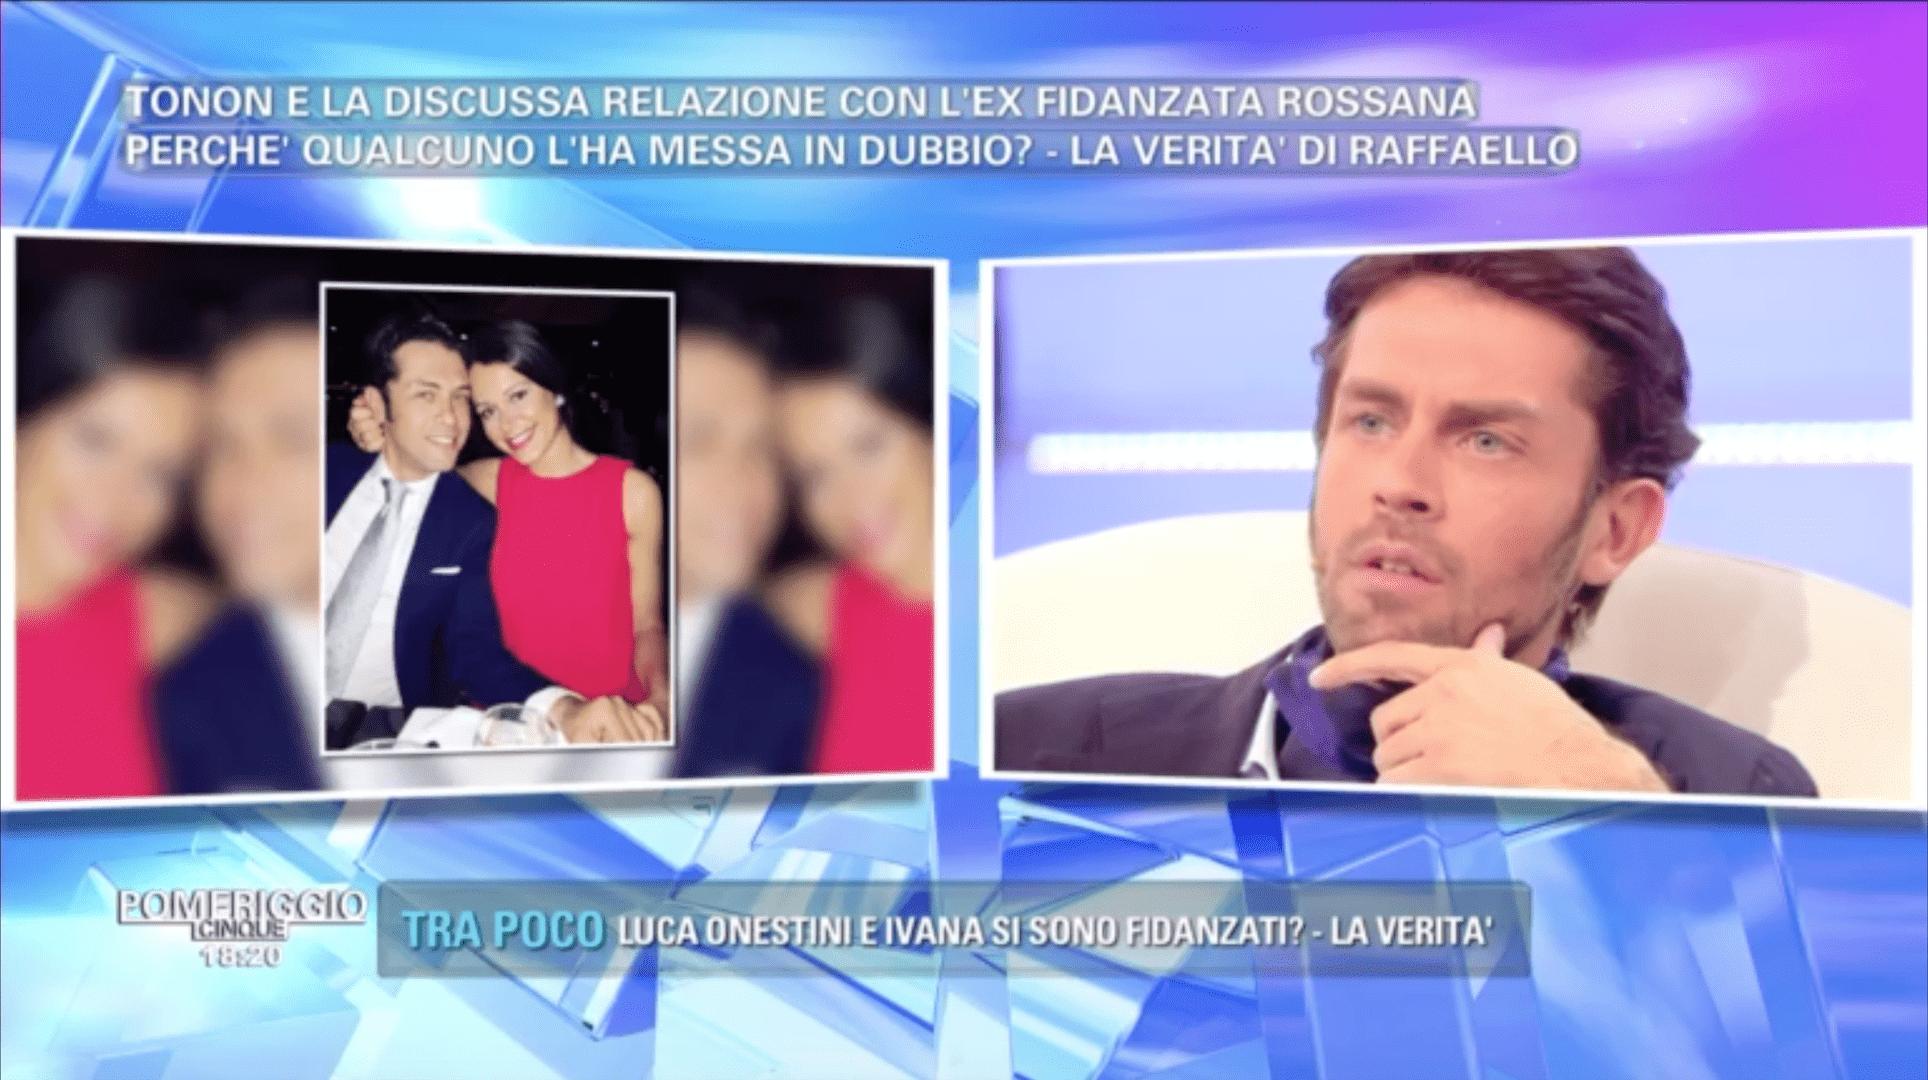 Pomeriggio 5, Raffaello Tonon sull'ex fidanzata Rossana: 'Ho sofferto, ma è tutto vero'